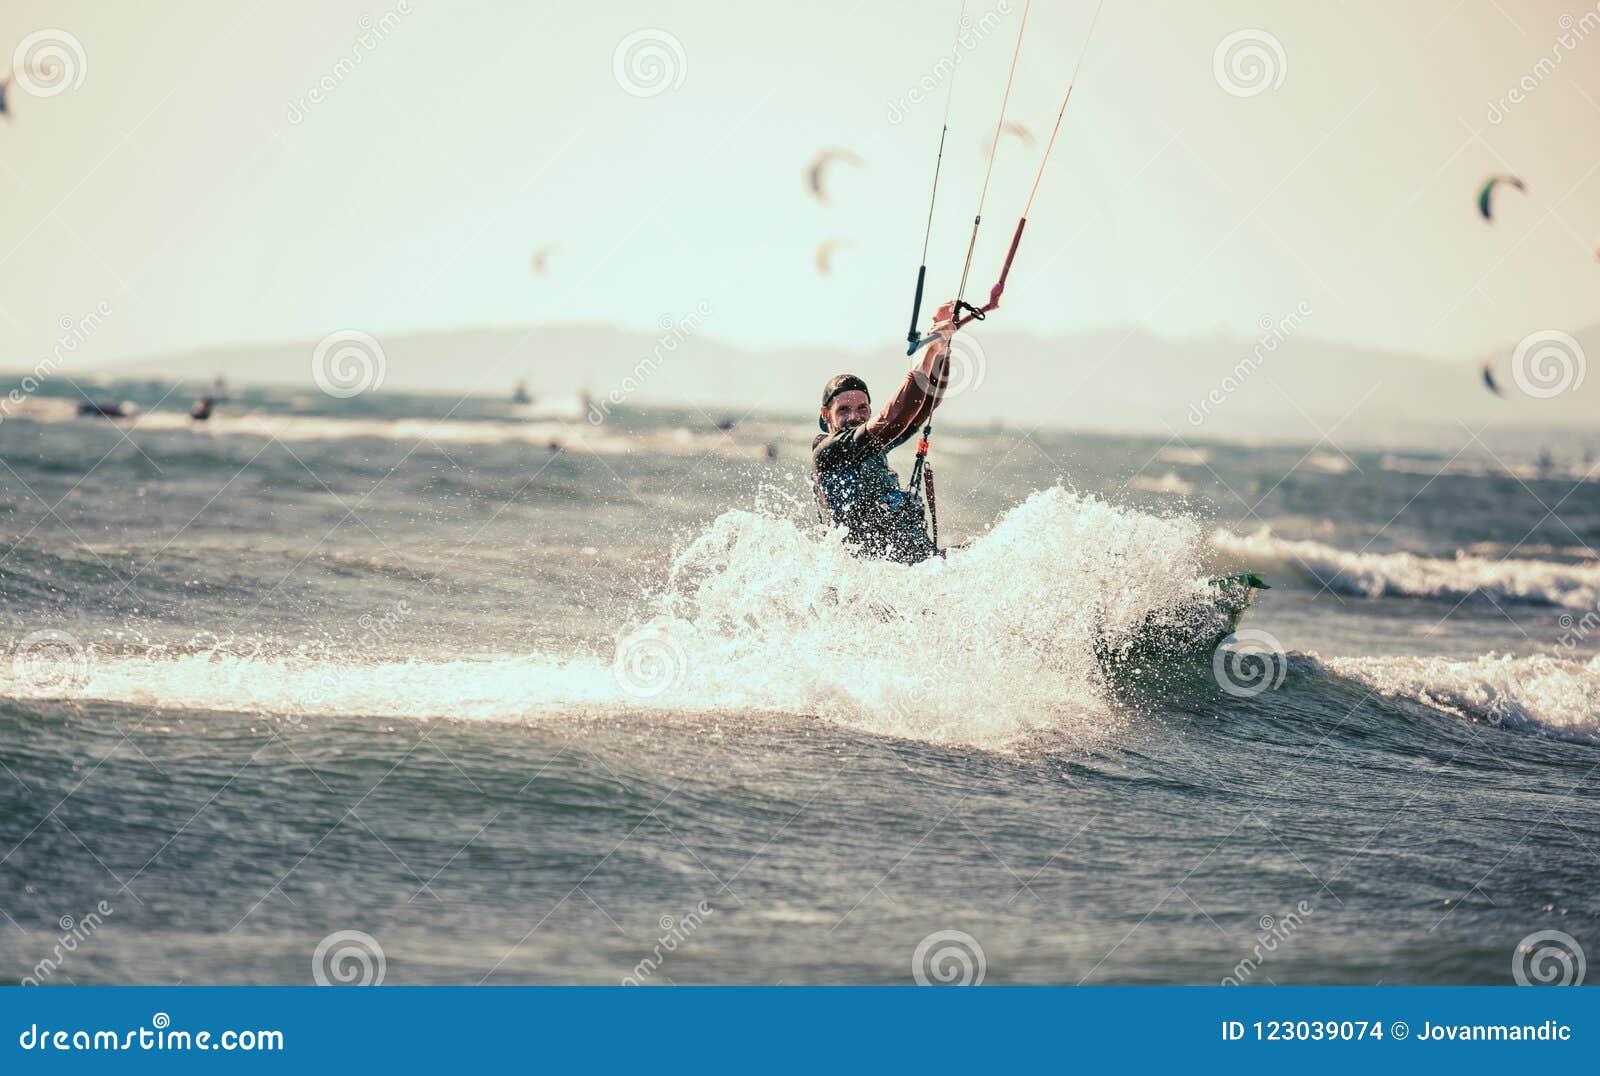 Berufs-kiter macht den schwierigen Trick auf einem schönen Hintergrund